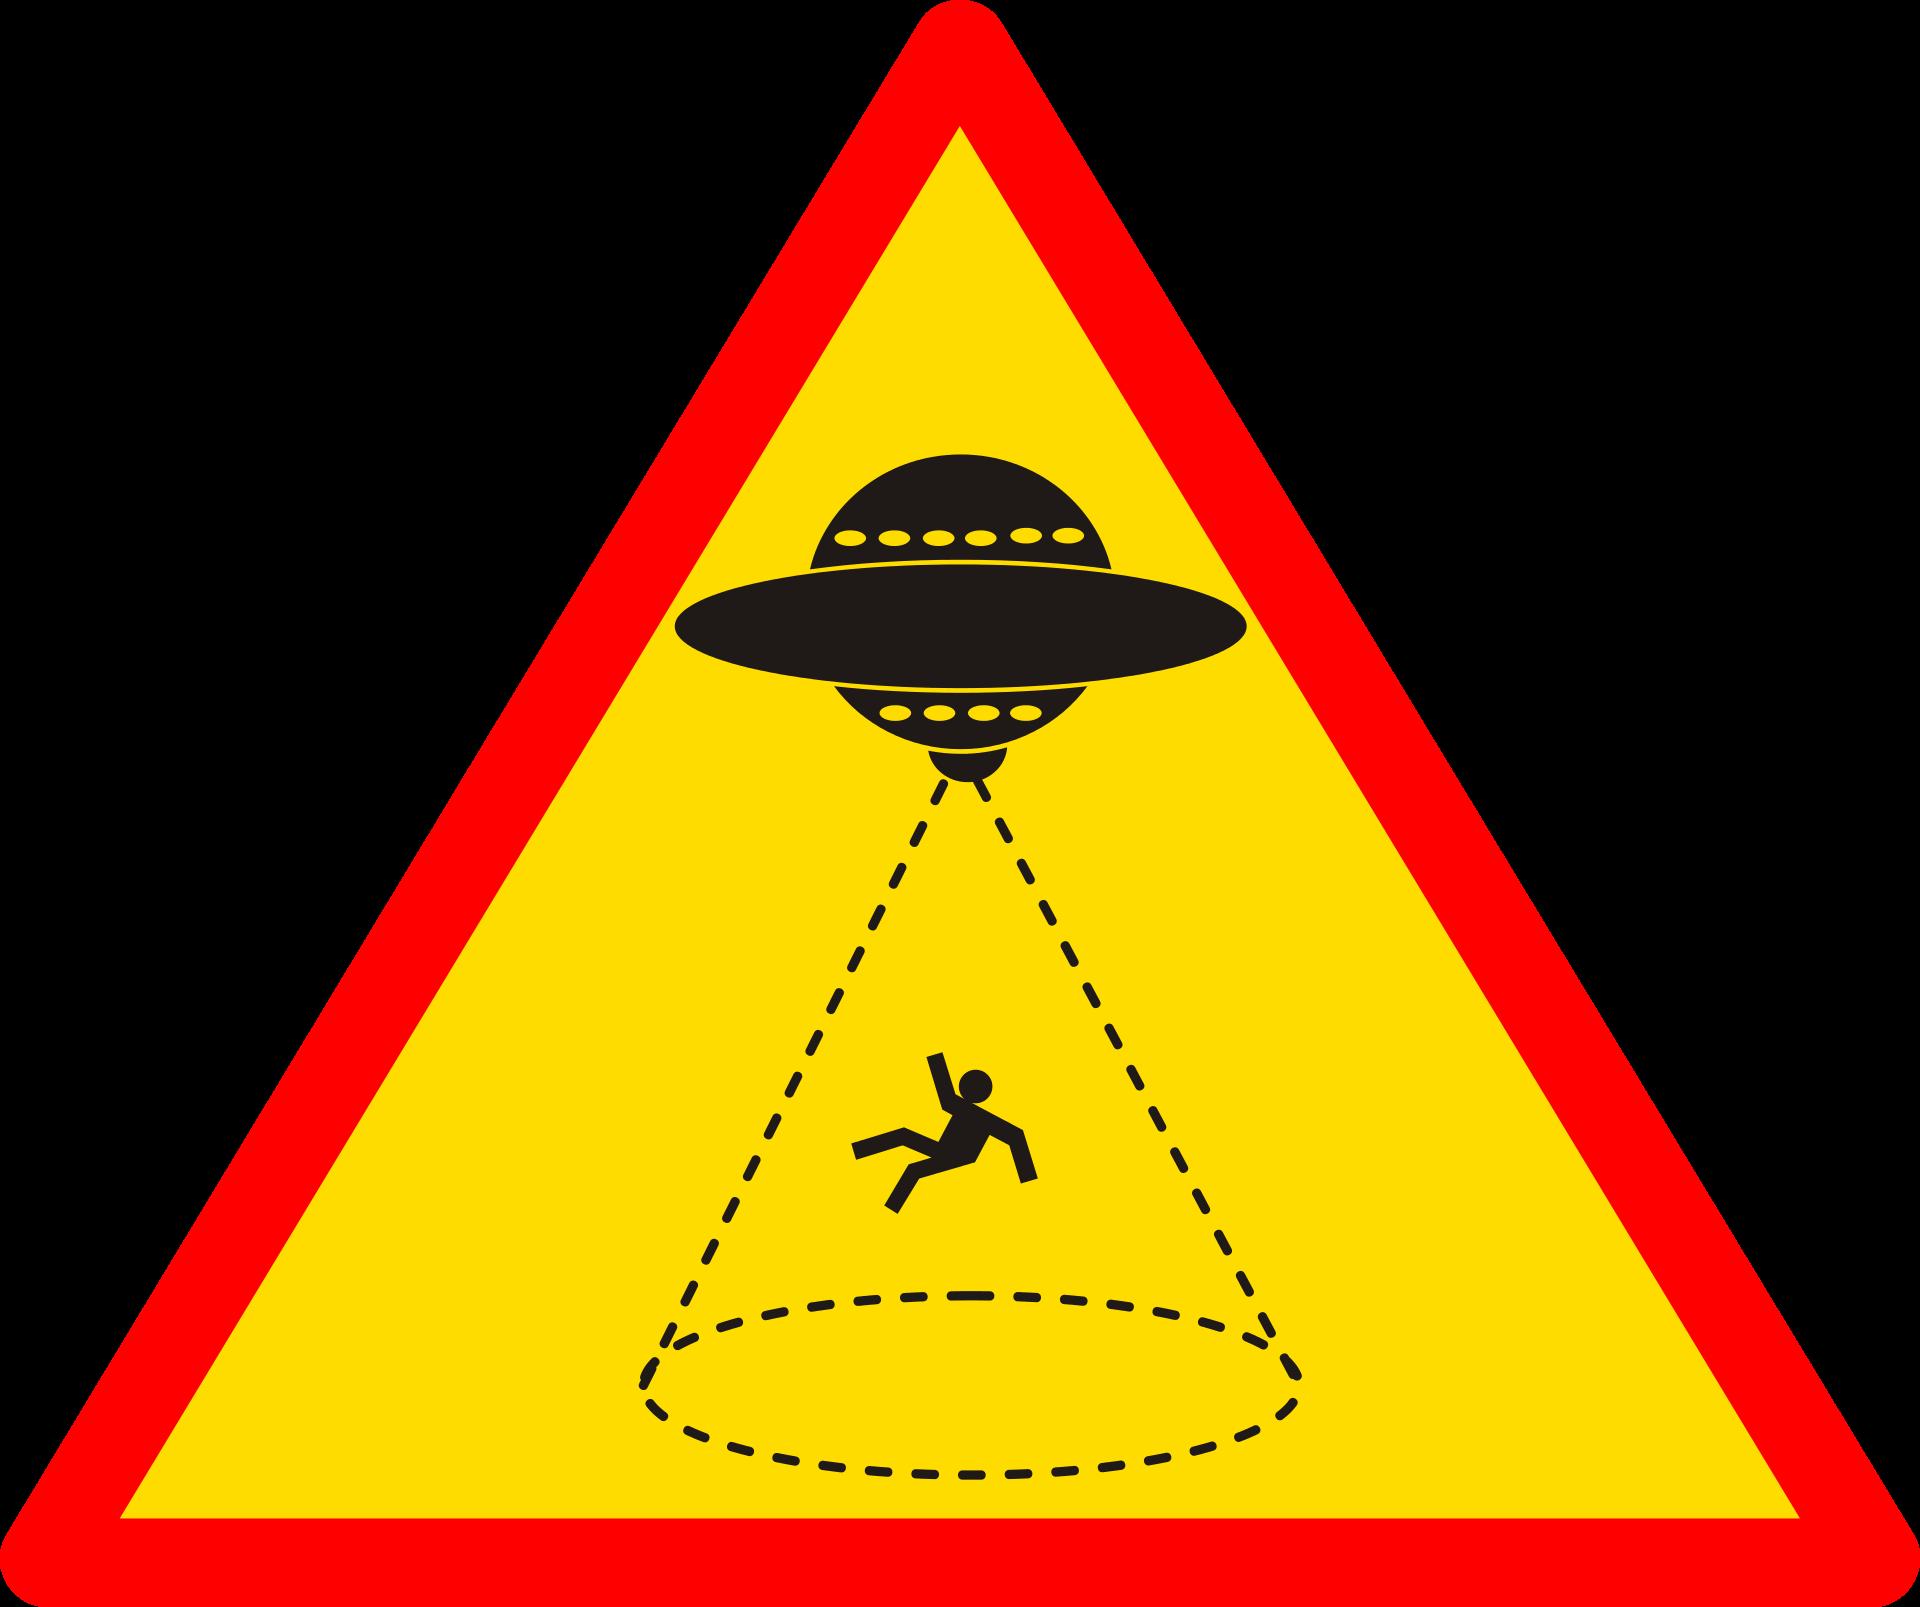 ユニークな警告板